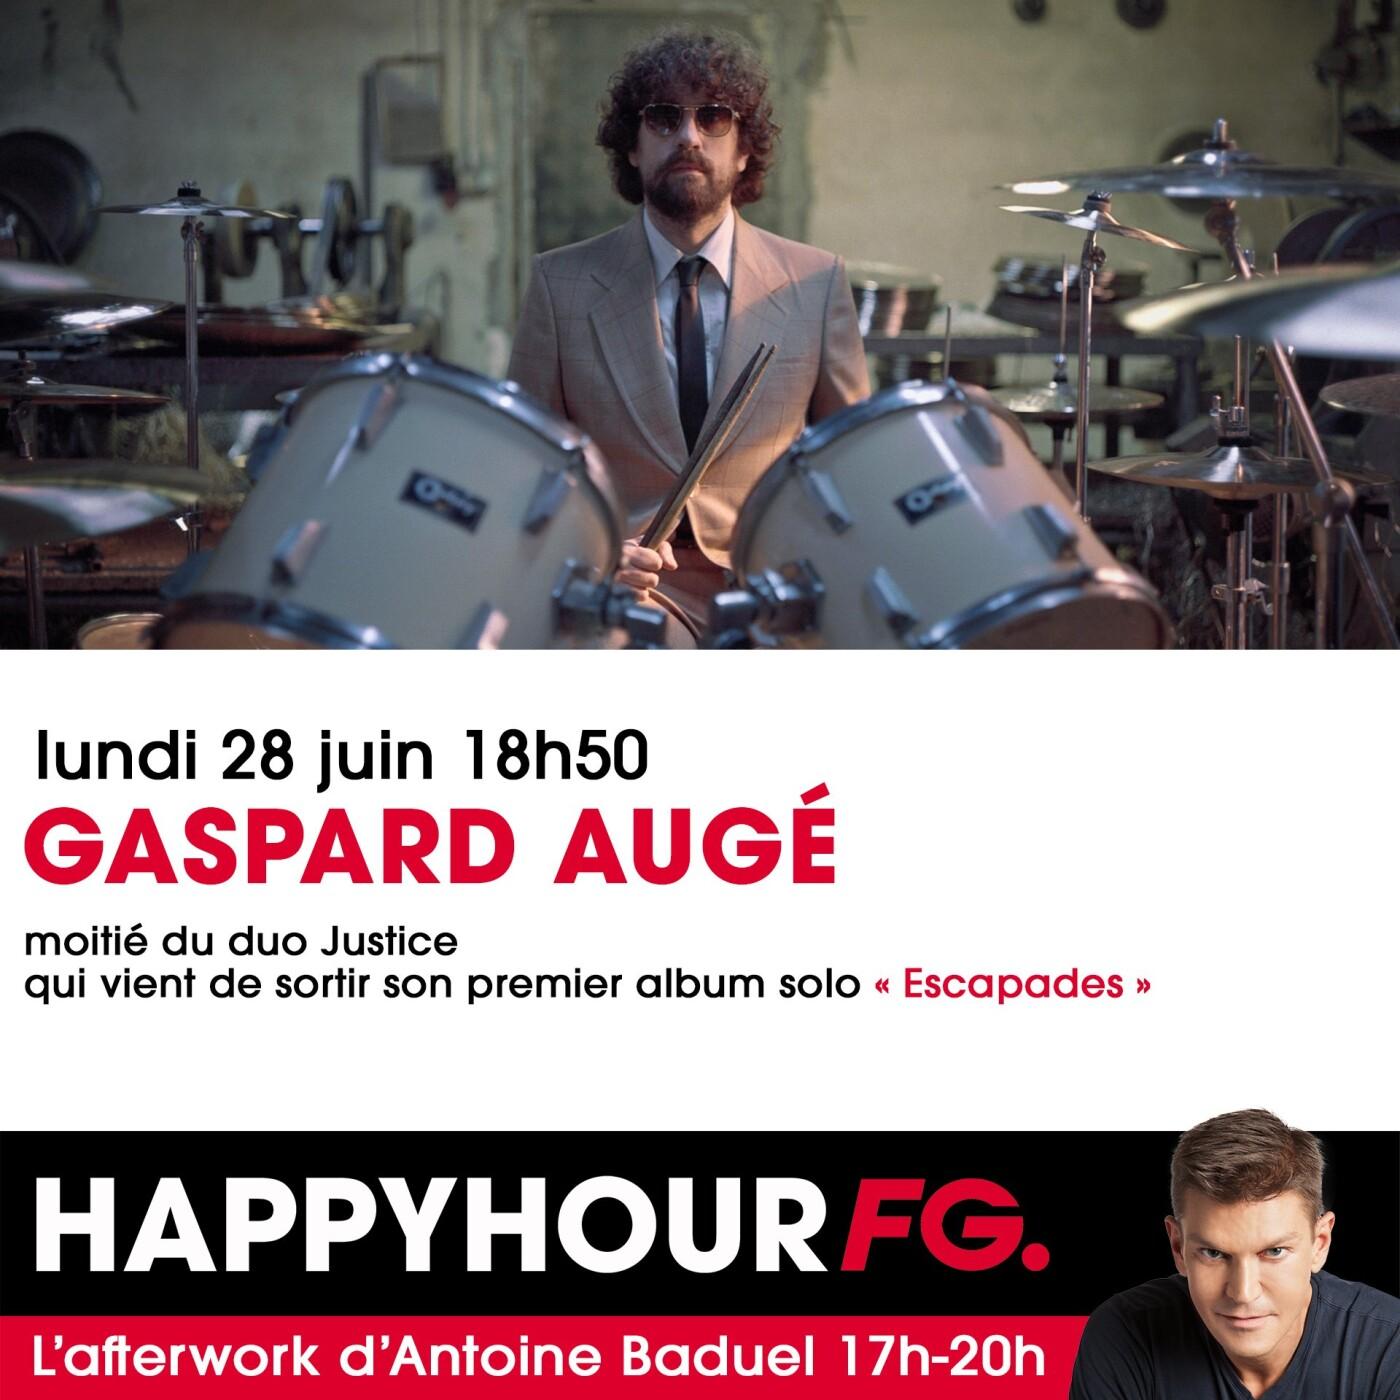 L'INTERVIEW DE GASPARD AUGE DANS L'HAPPY HOUR FG